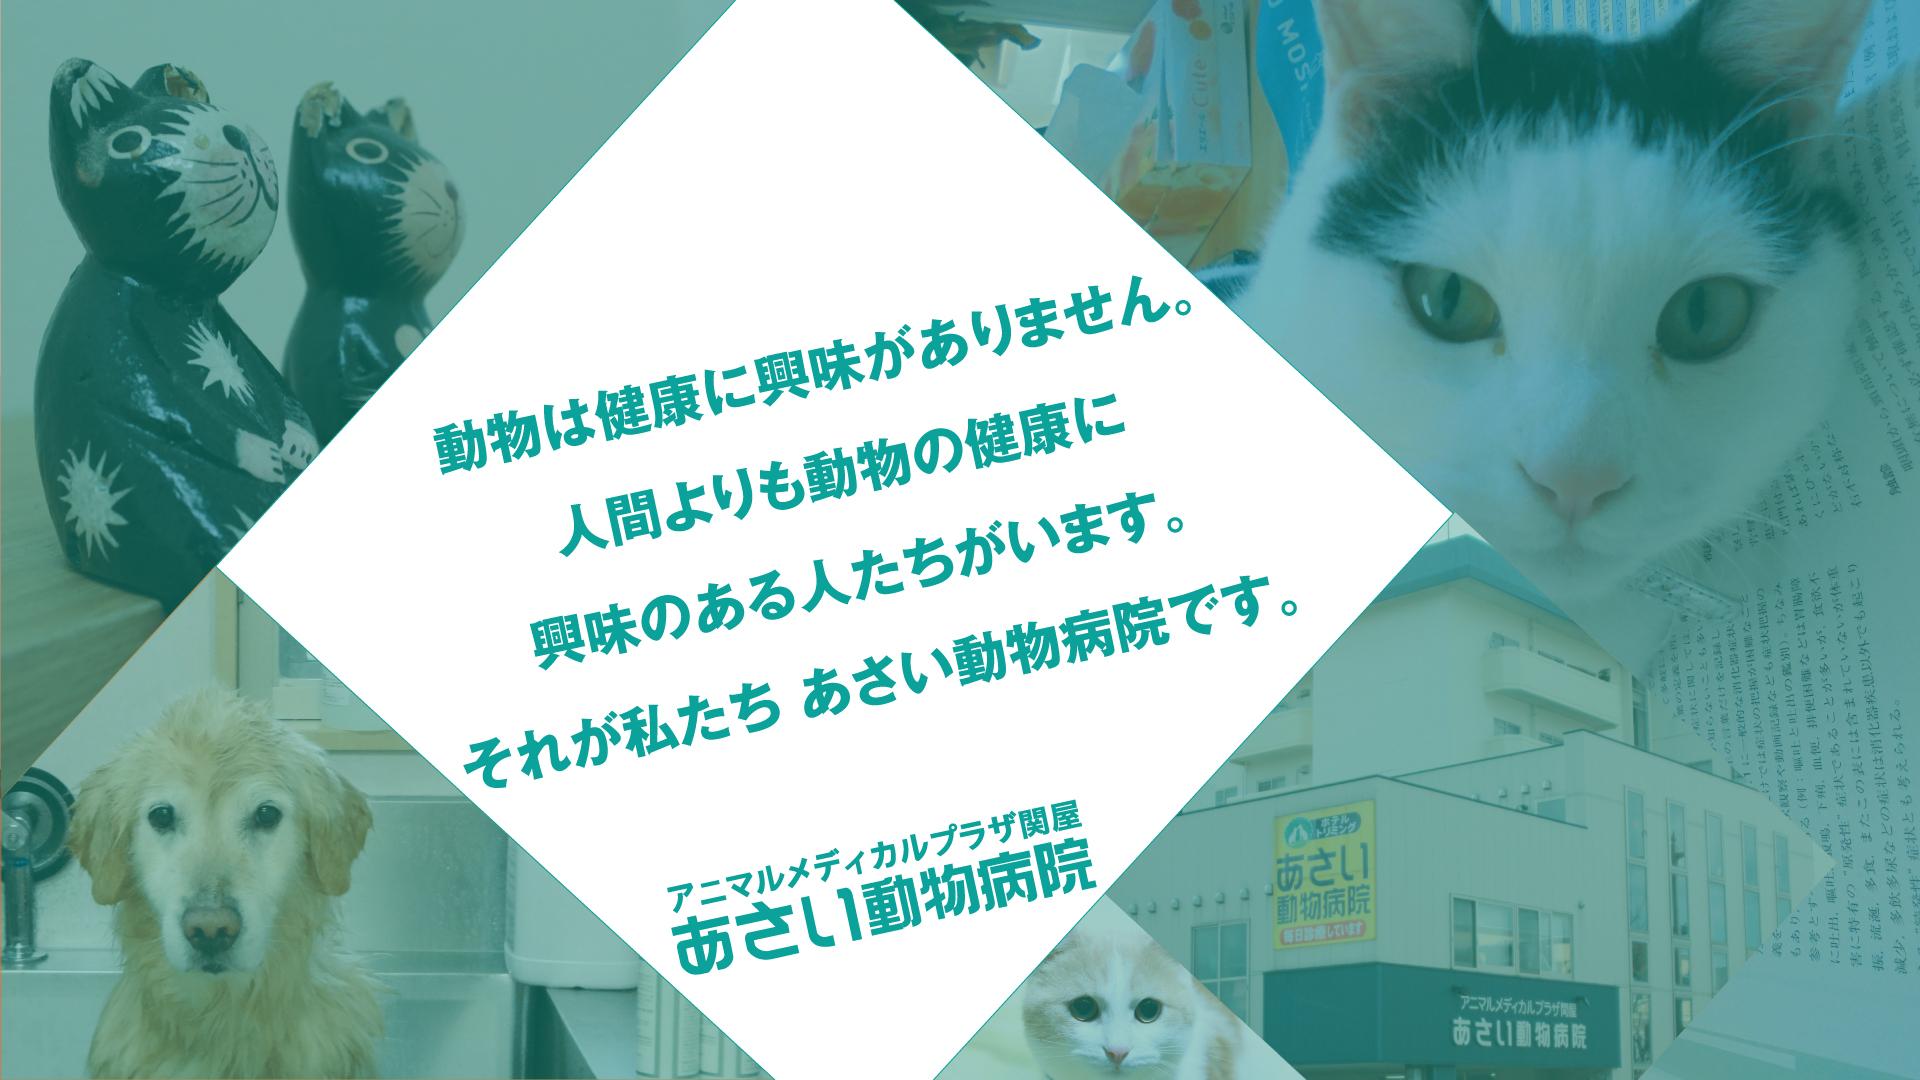 動物は健康に興味ありません。人間より動物の健康に興味のある人たちがいます。それが私たちあさい動物病院です。